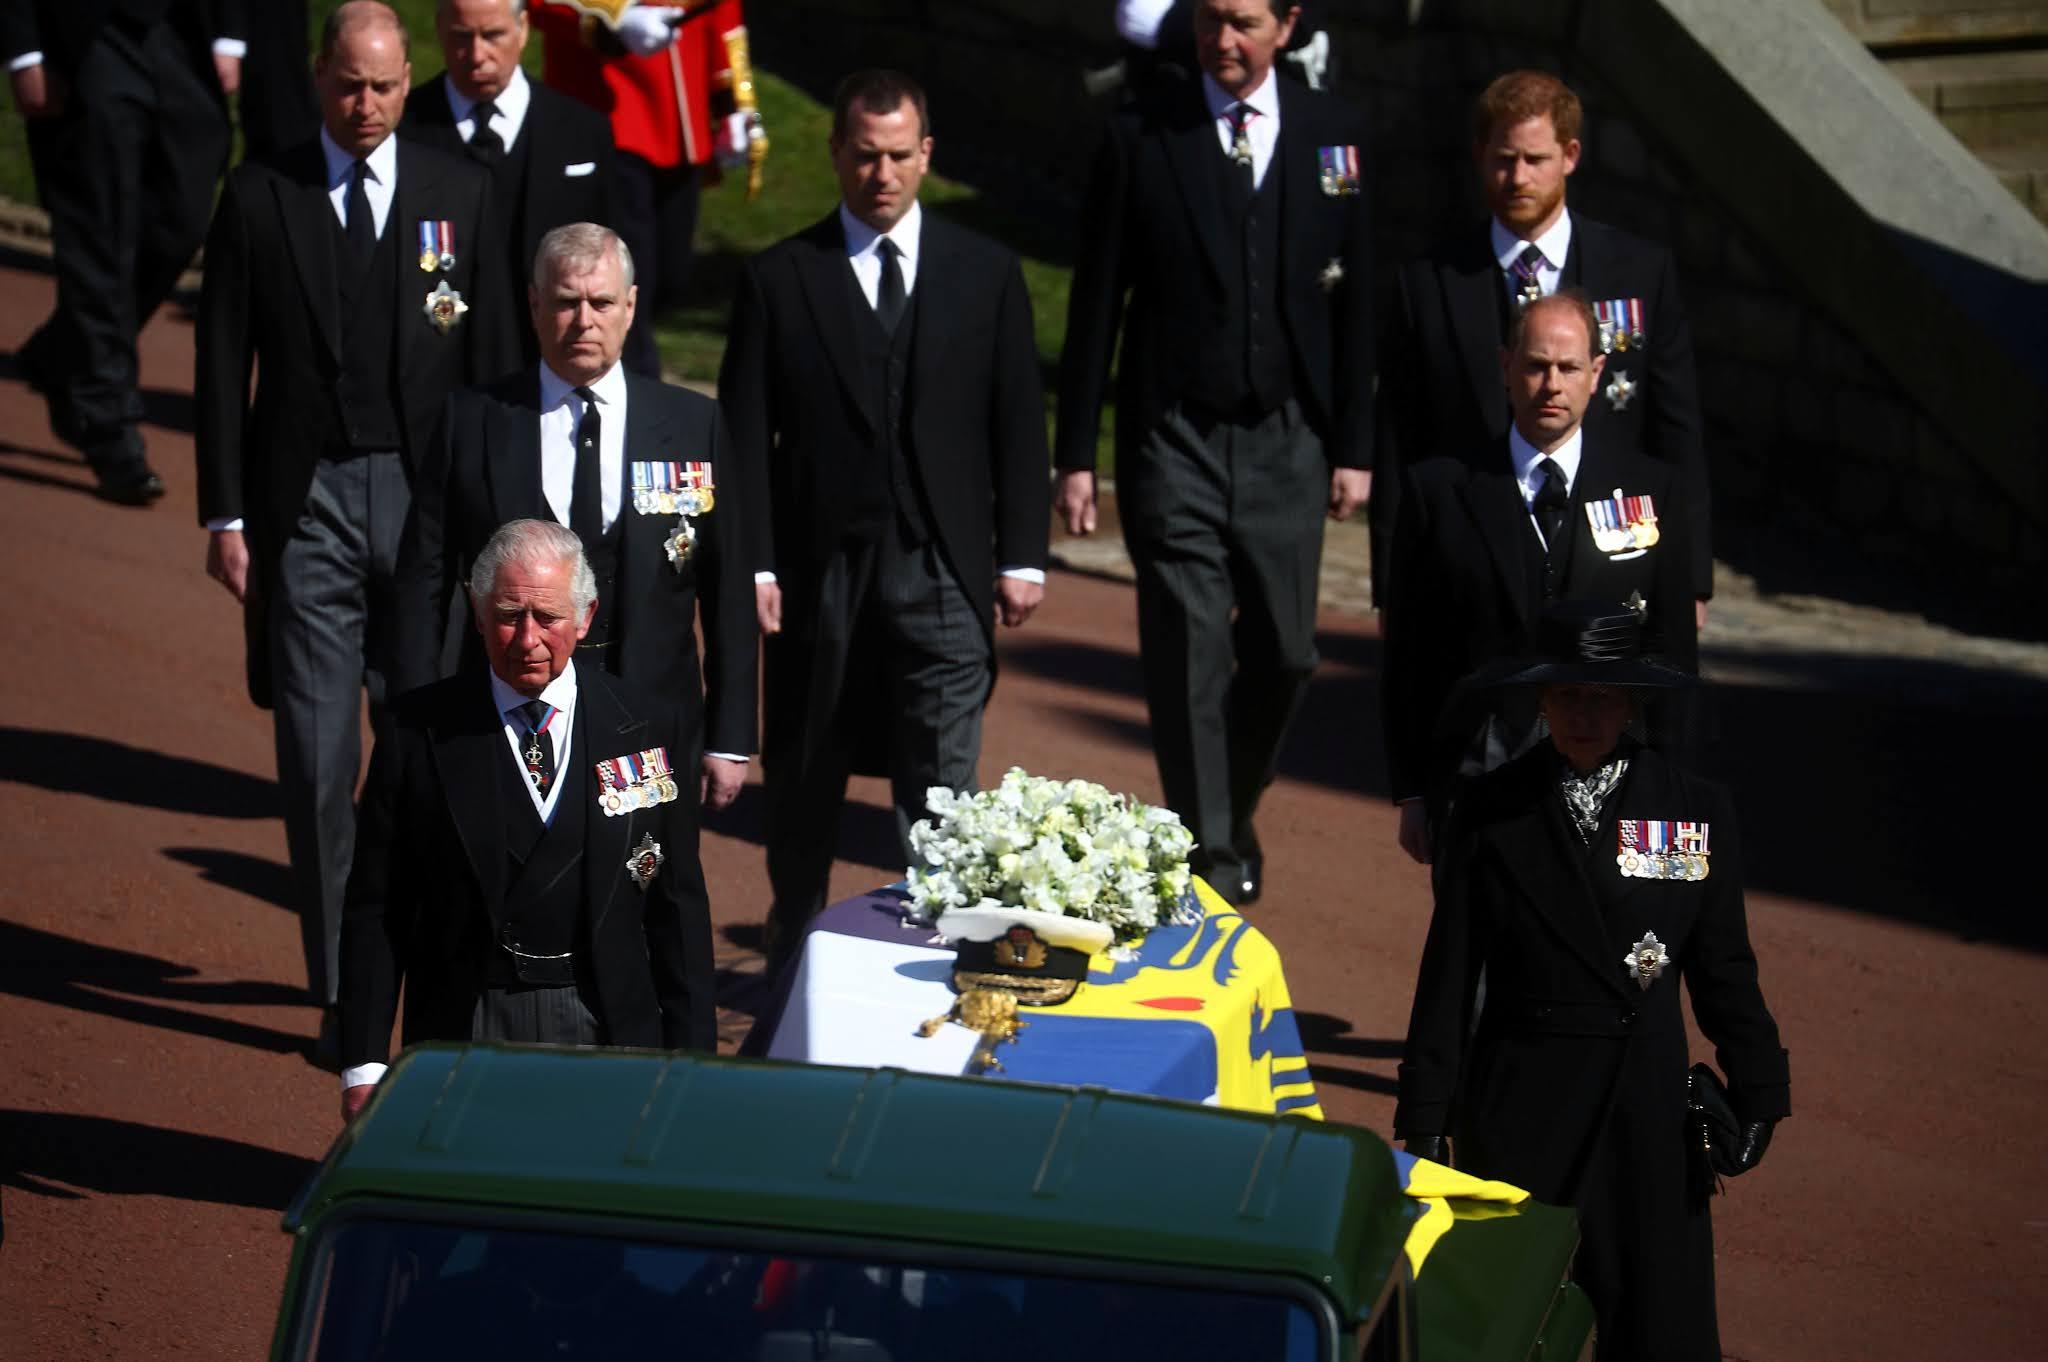 EN VIVO: La reina Isabel despide al Príncipe Felipe rodeada de unos pocos miembros de la familia